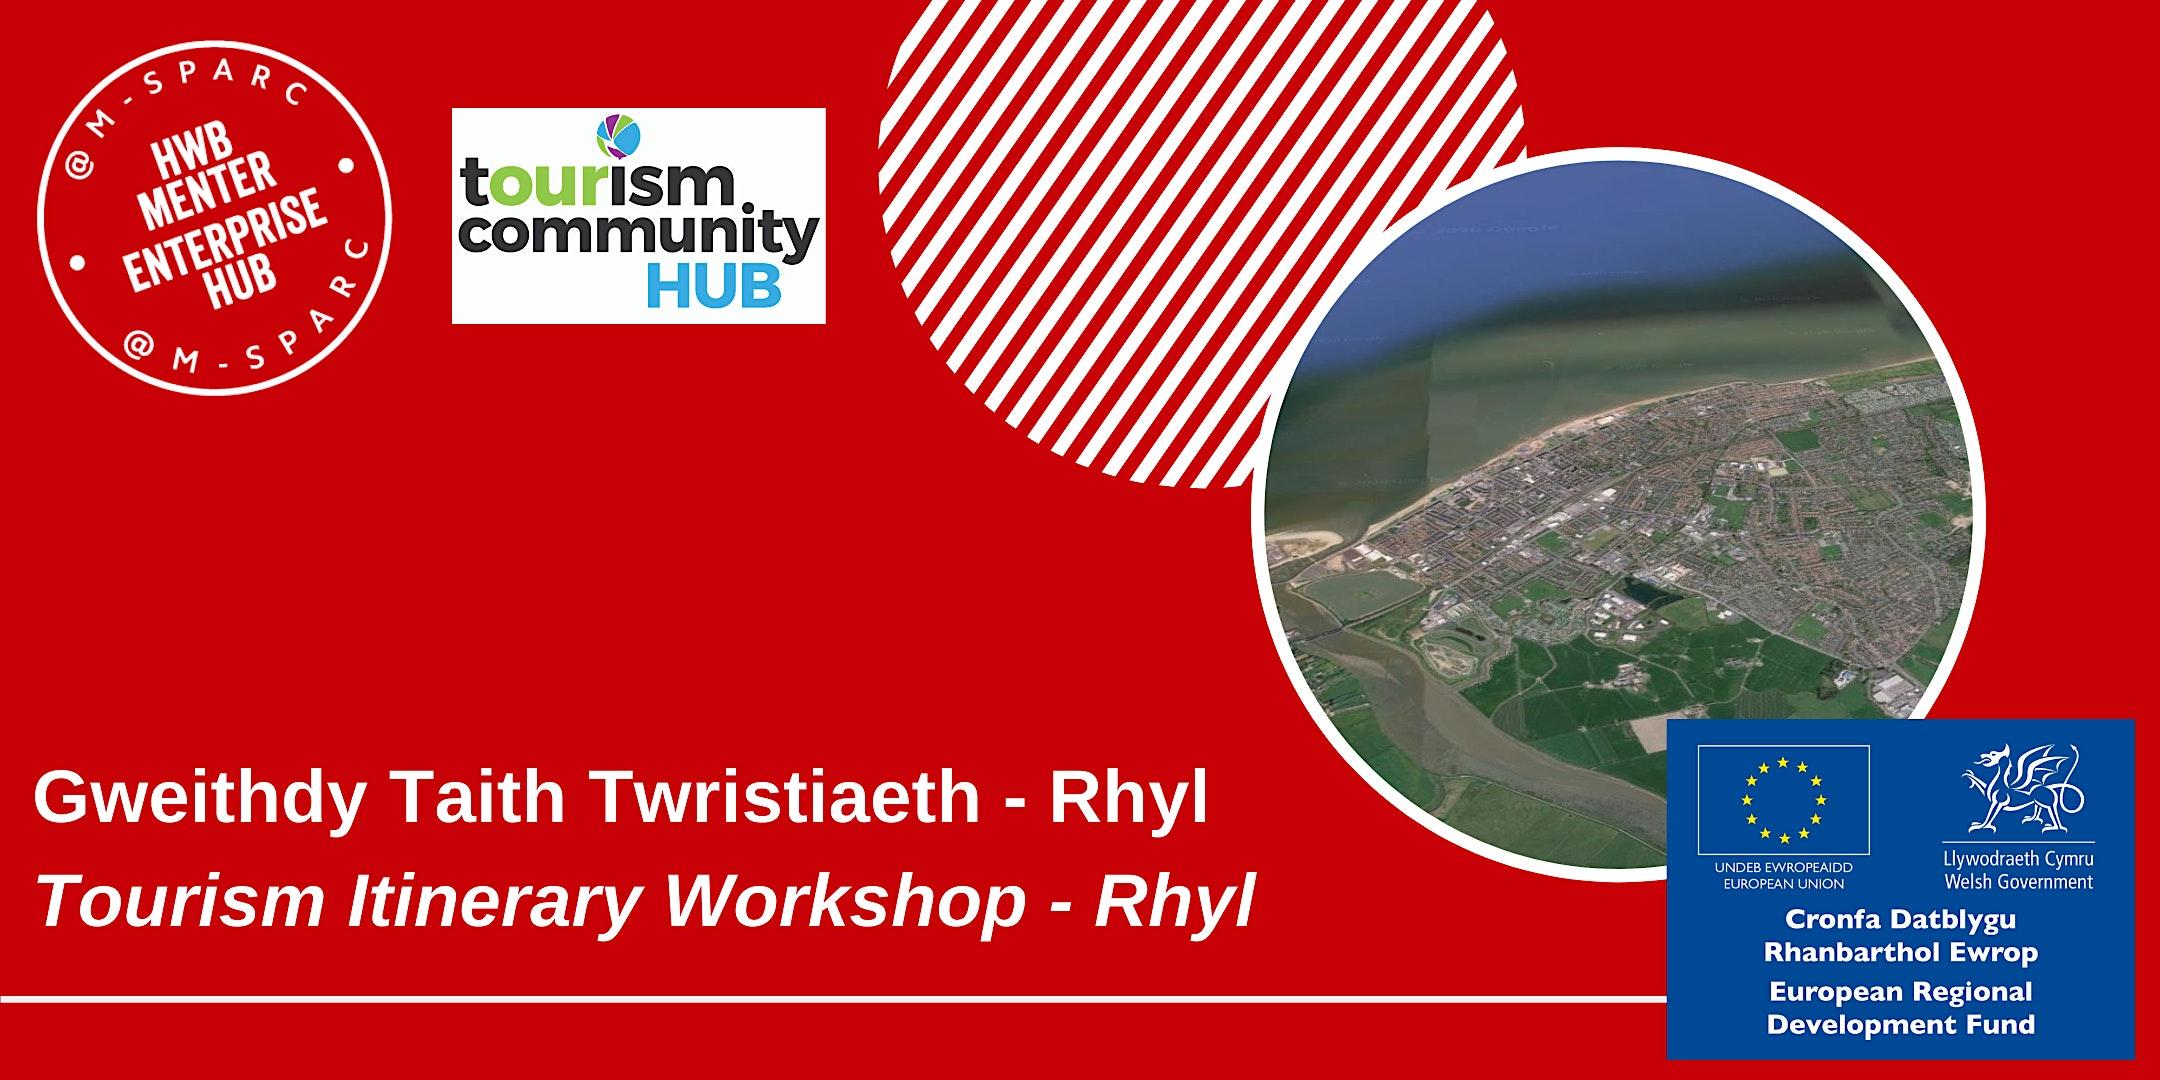 Gweithdy Taith Twristiaeth - Rhyl / Tourism Itinerary Workshop - Rhyl